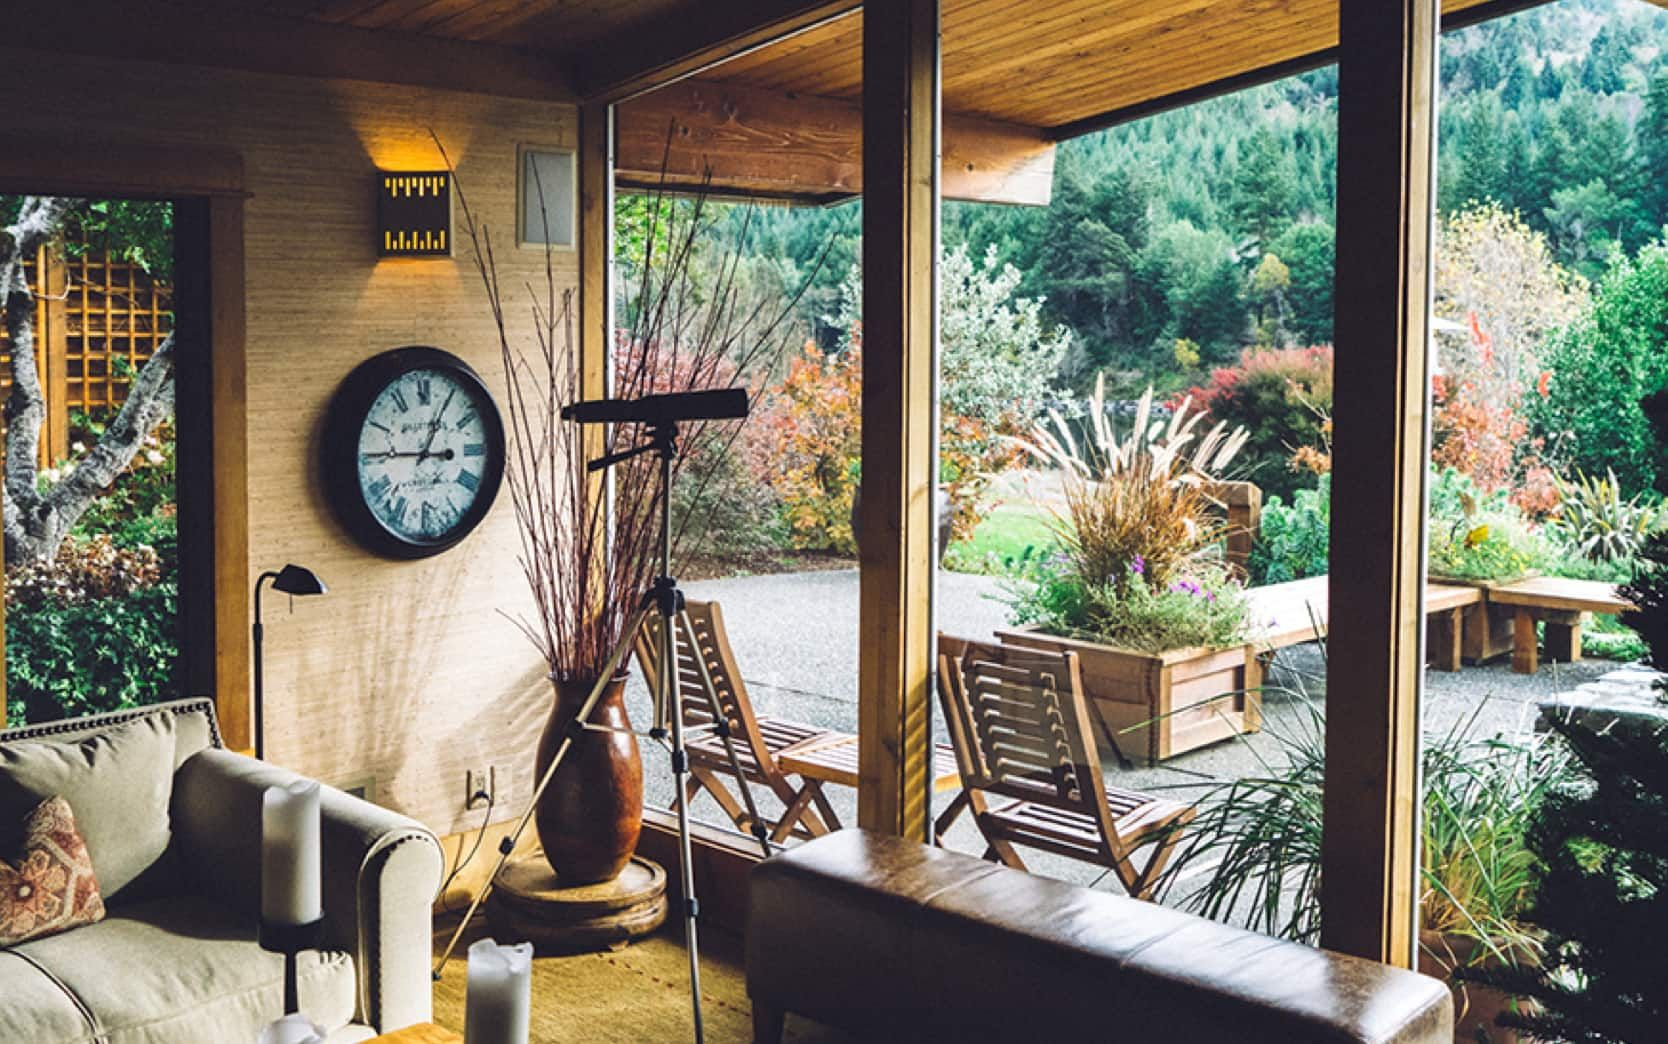 fenêtre en verre et jardin extérieur avec meubles en bois